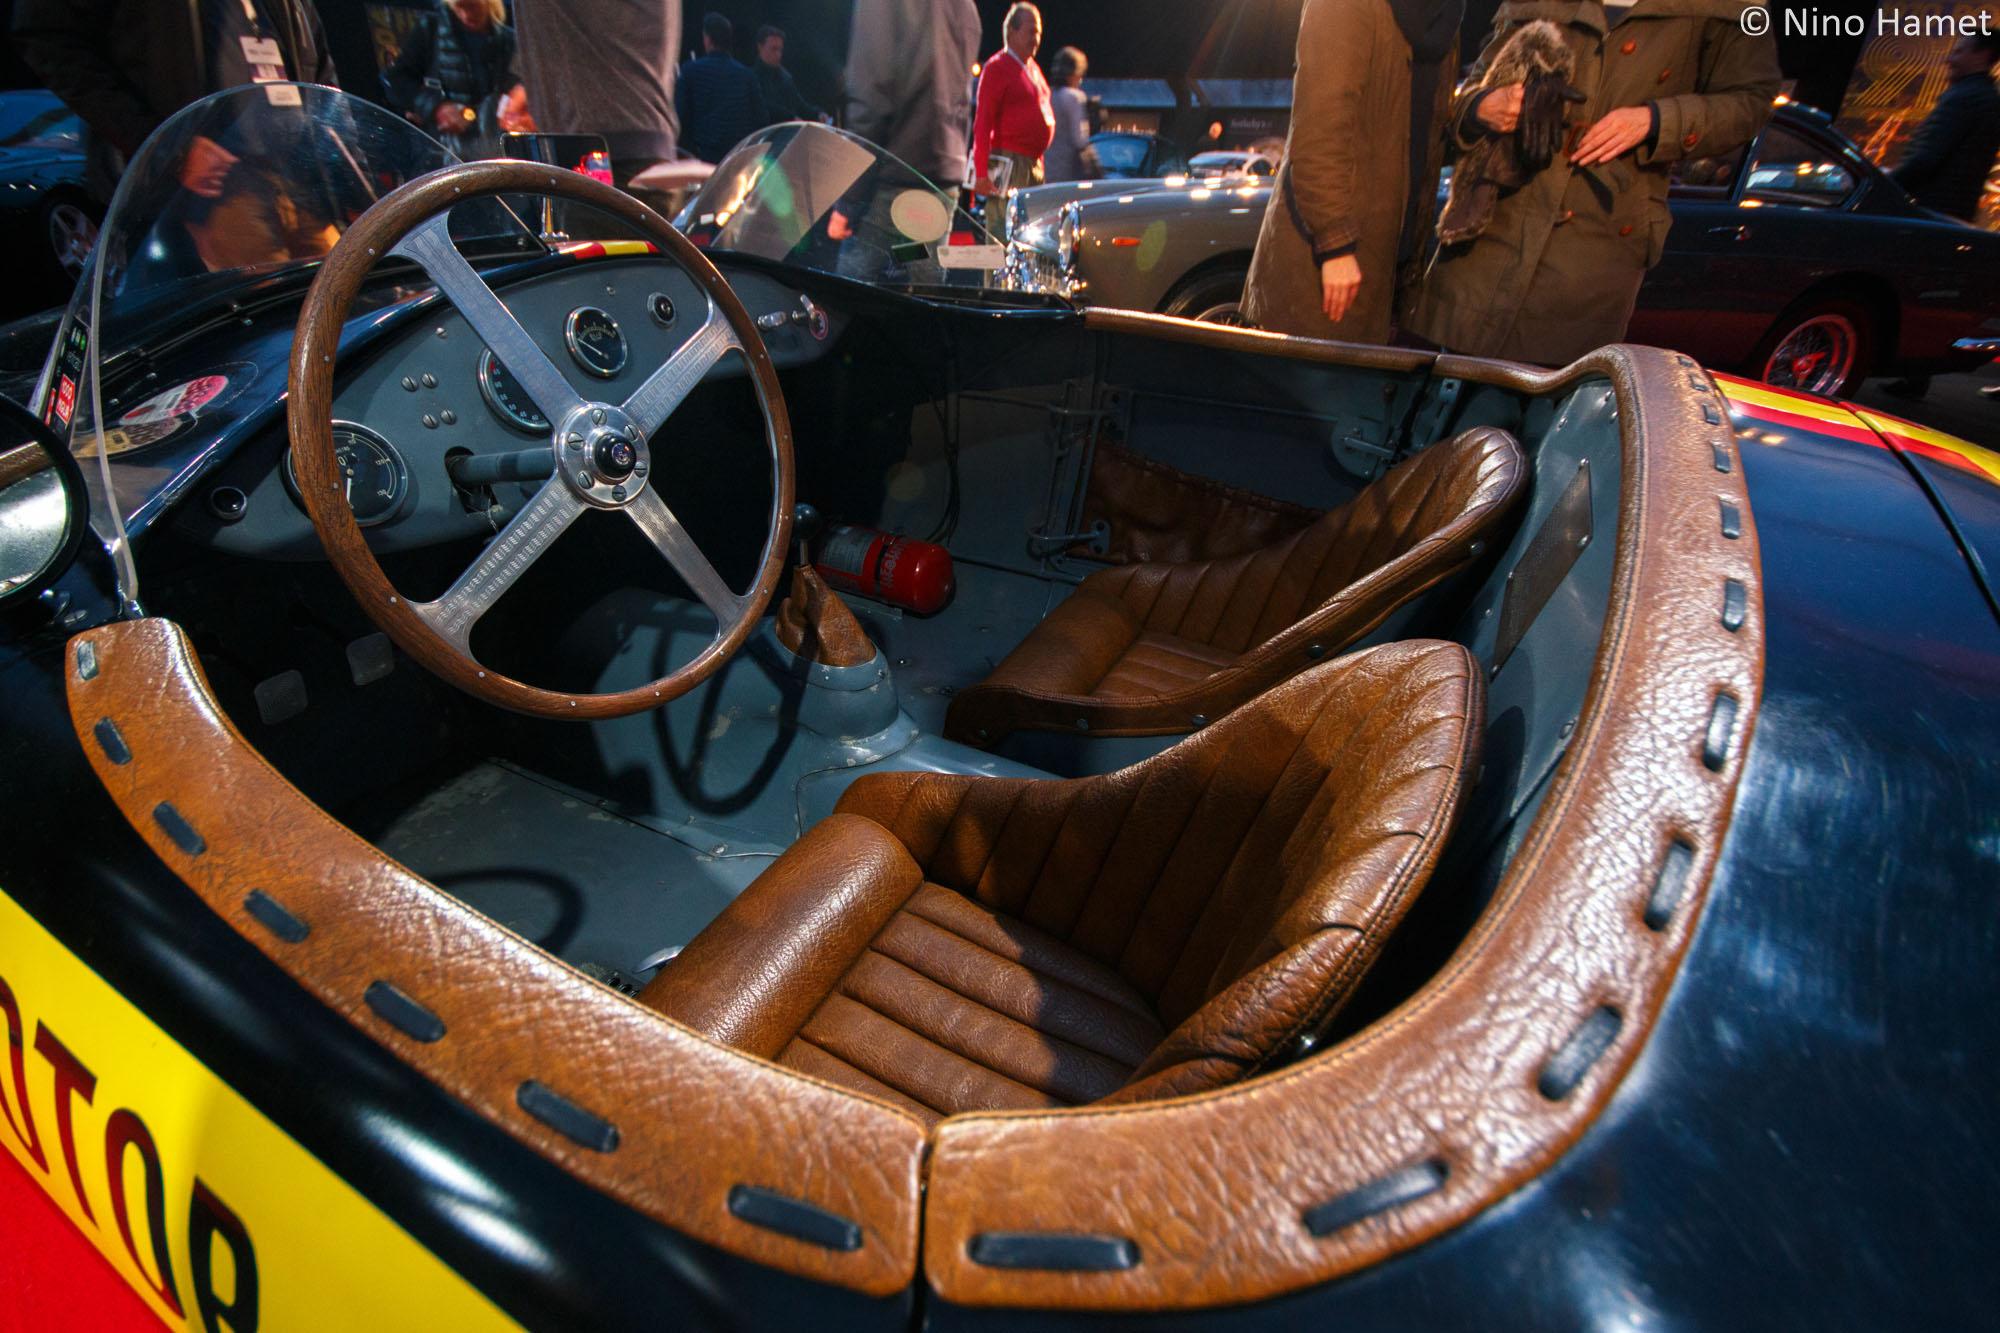 Focus à nouveau sur l'intérieur de l'Osca MT4 1500, vraiment magnifique !